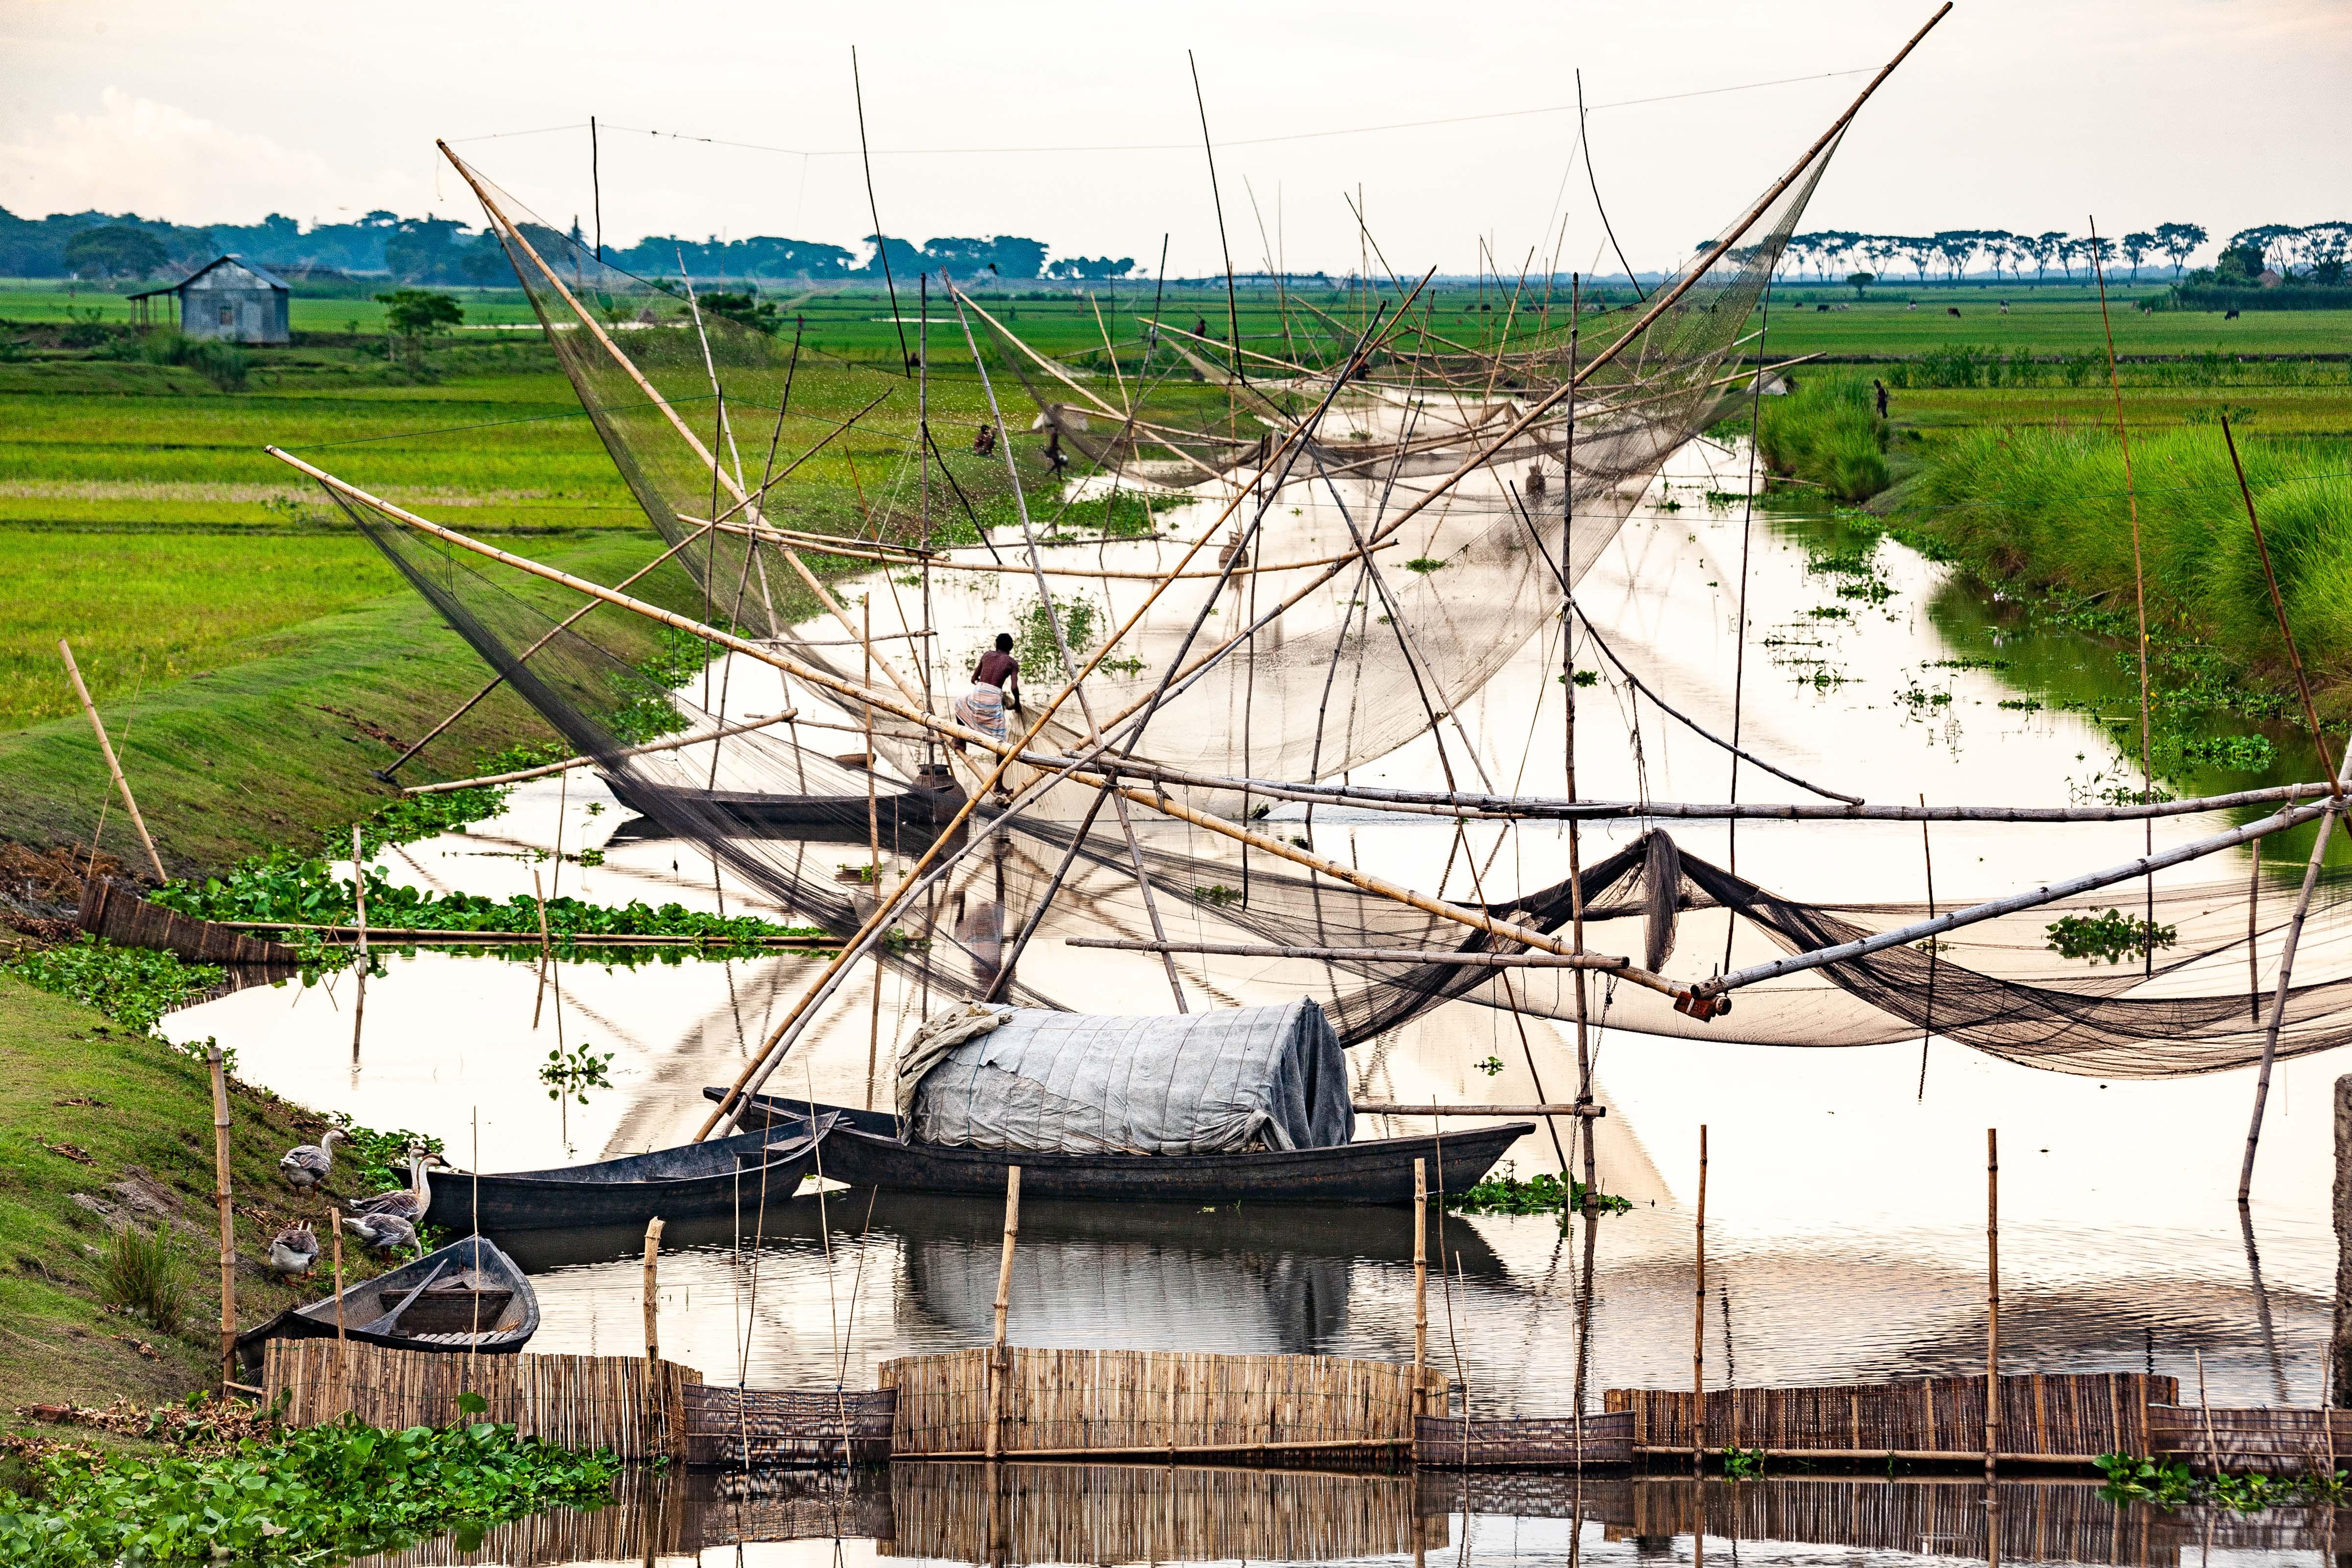 Bangladesh, Brahmanbaria Prov, Fish Nets, 2009, IMG 8530